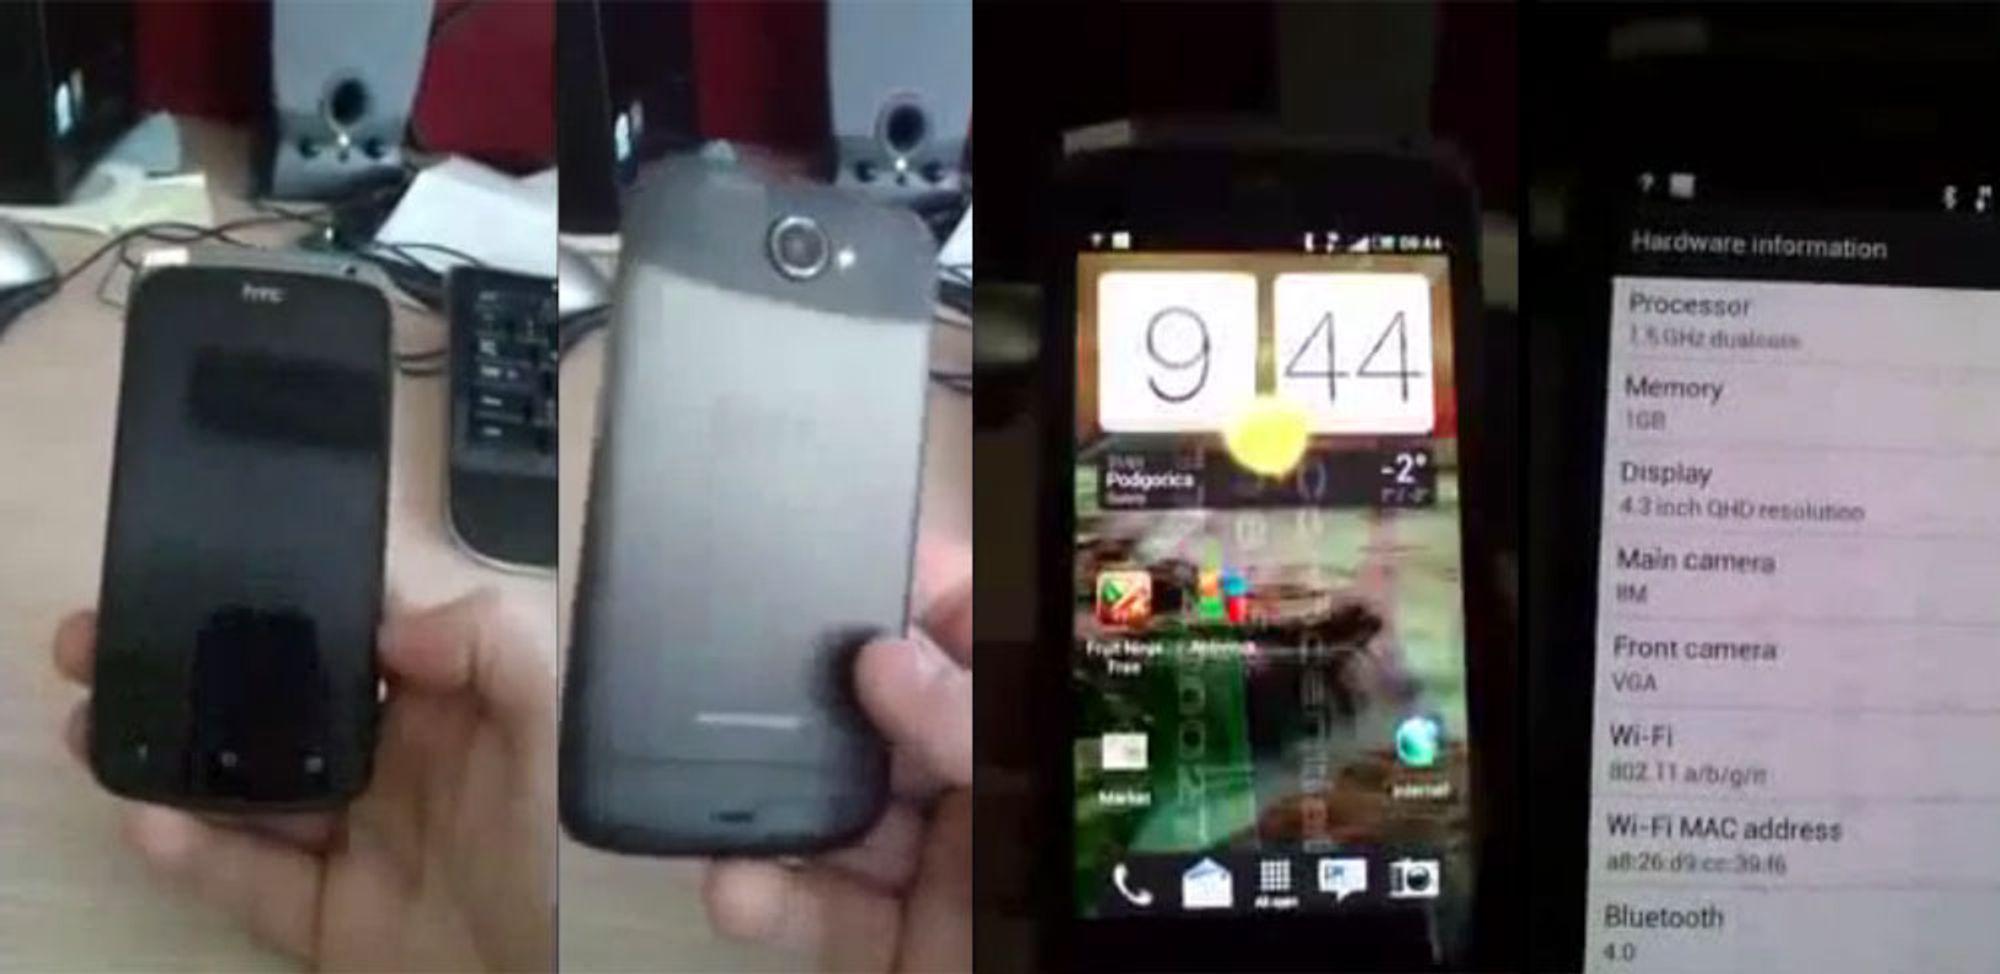 Er dette HTCs tynneste?